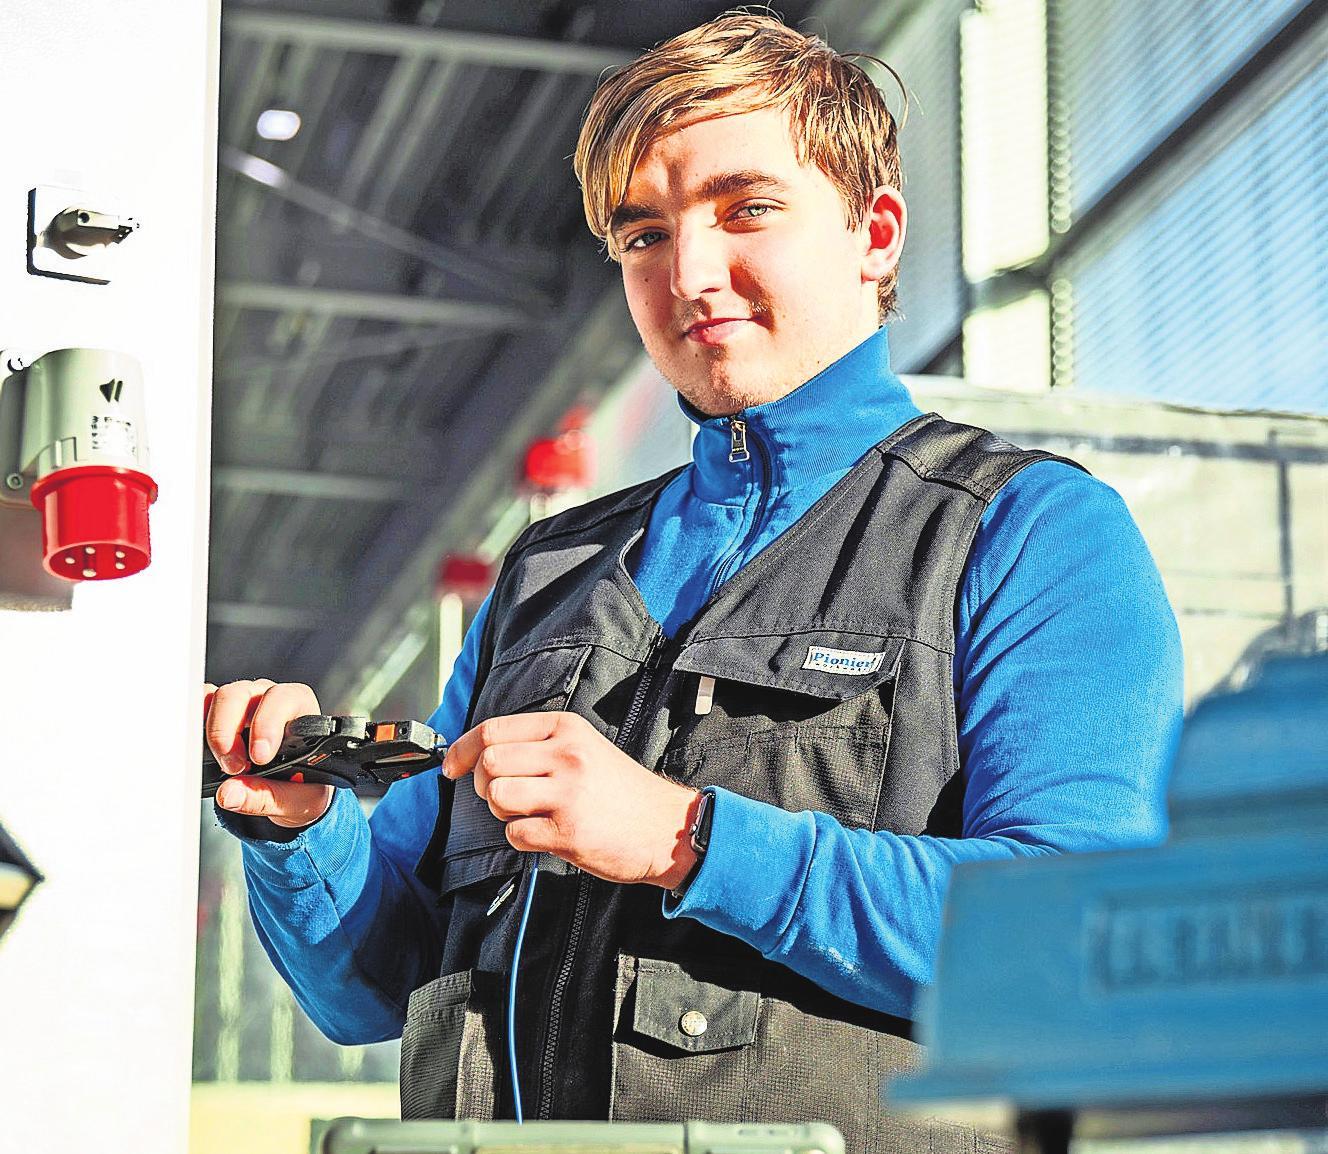 Sven Tengel macht eine Ausbildung zum Mechatroniker und lernt unter anderem Programmieren. Foto: Riva